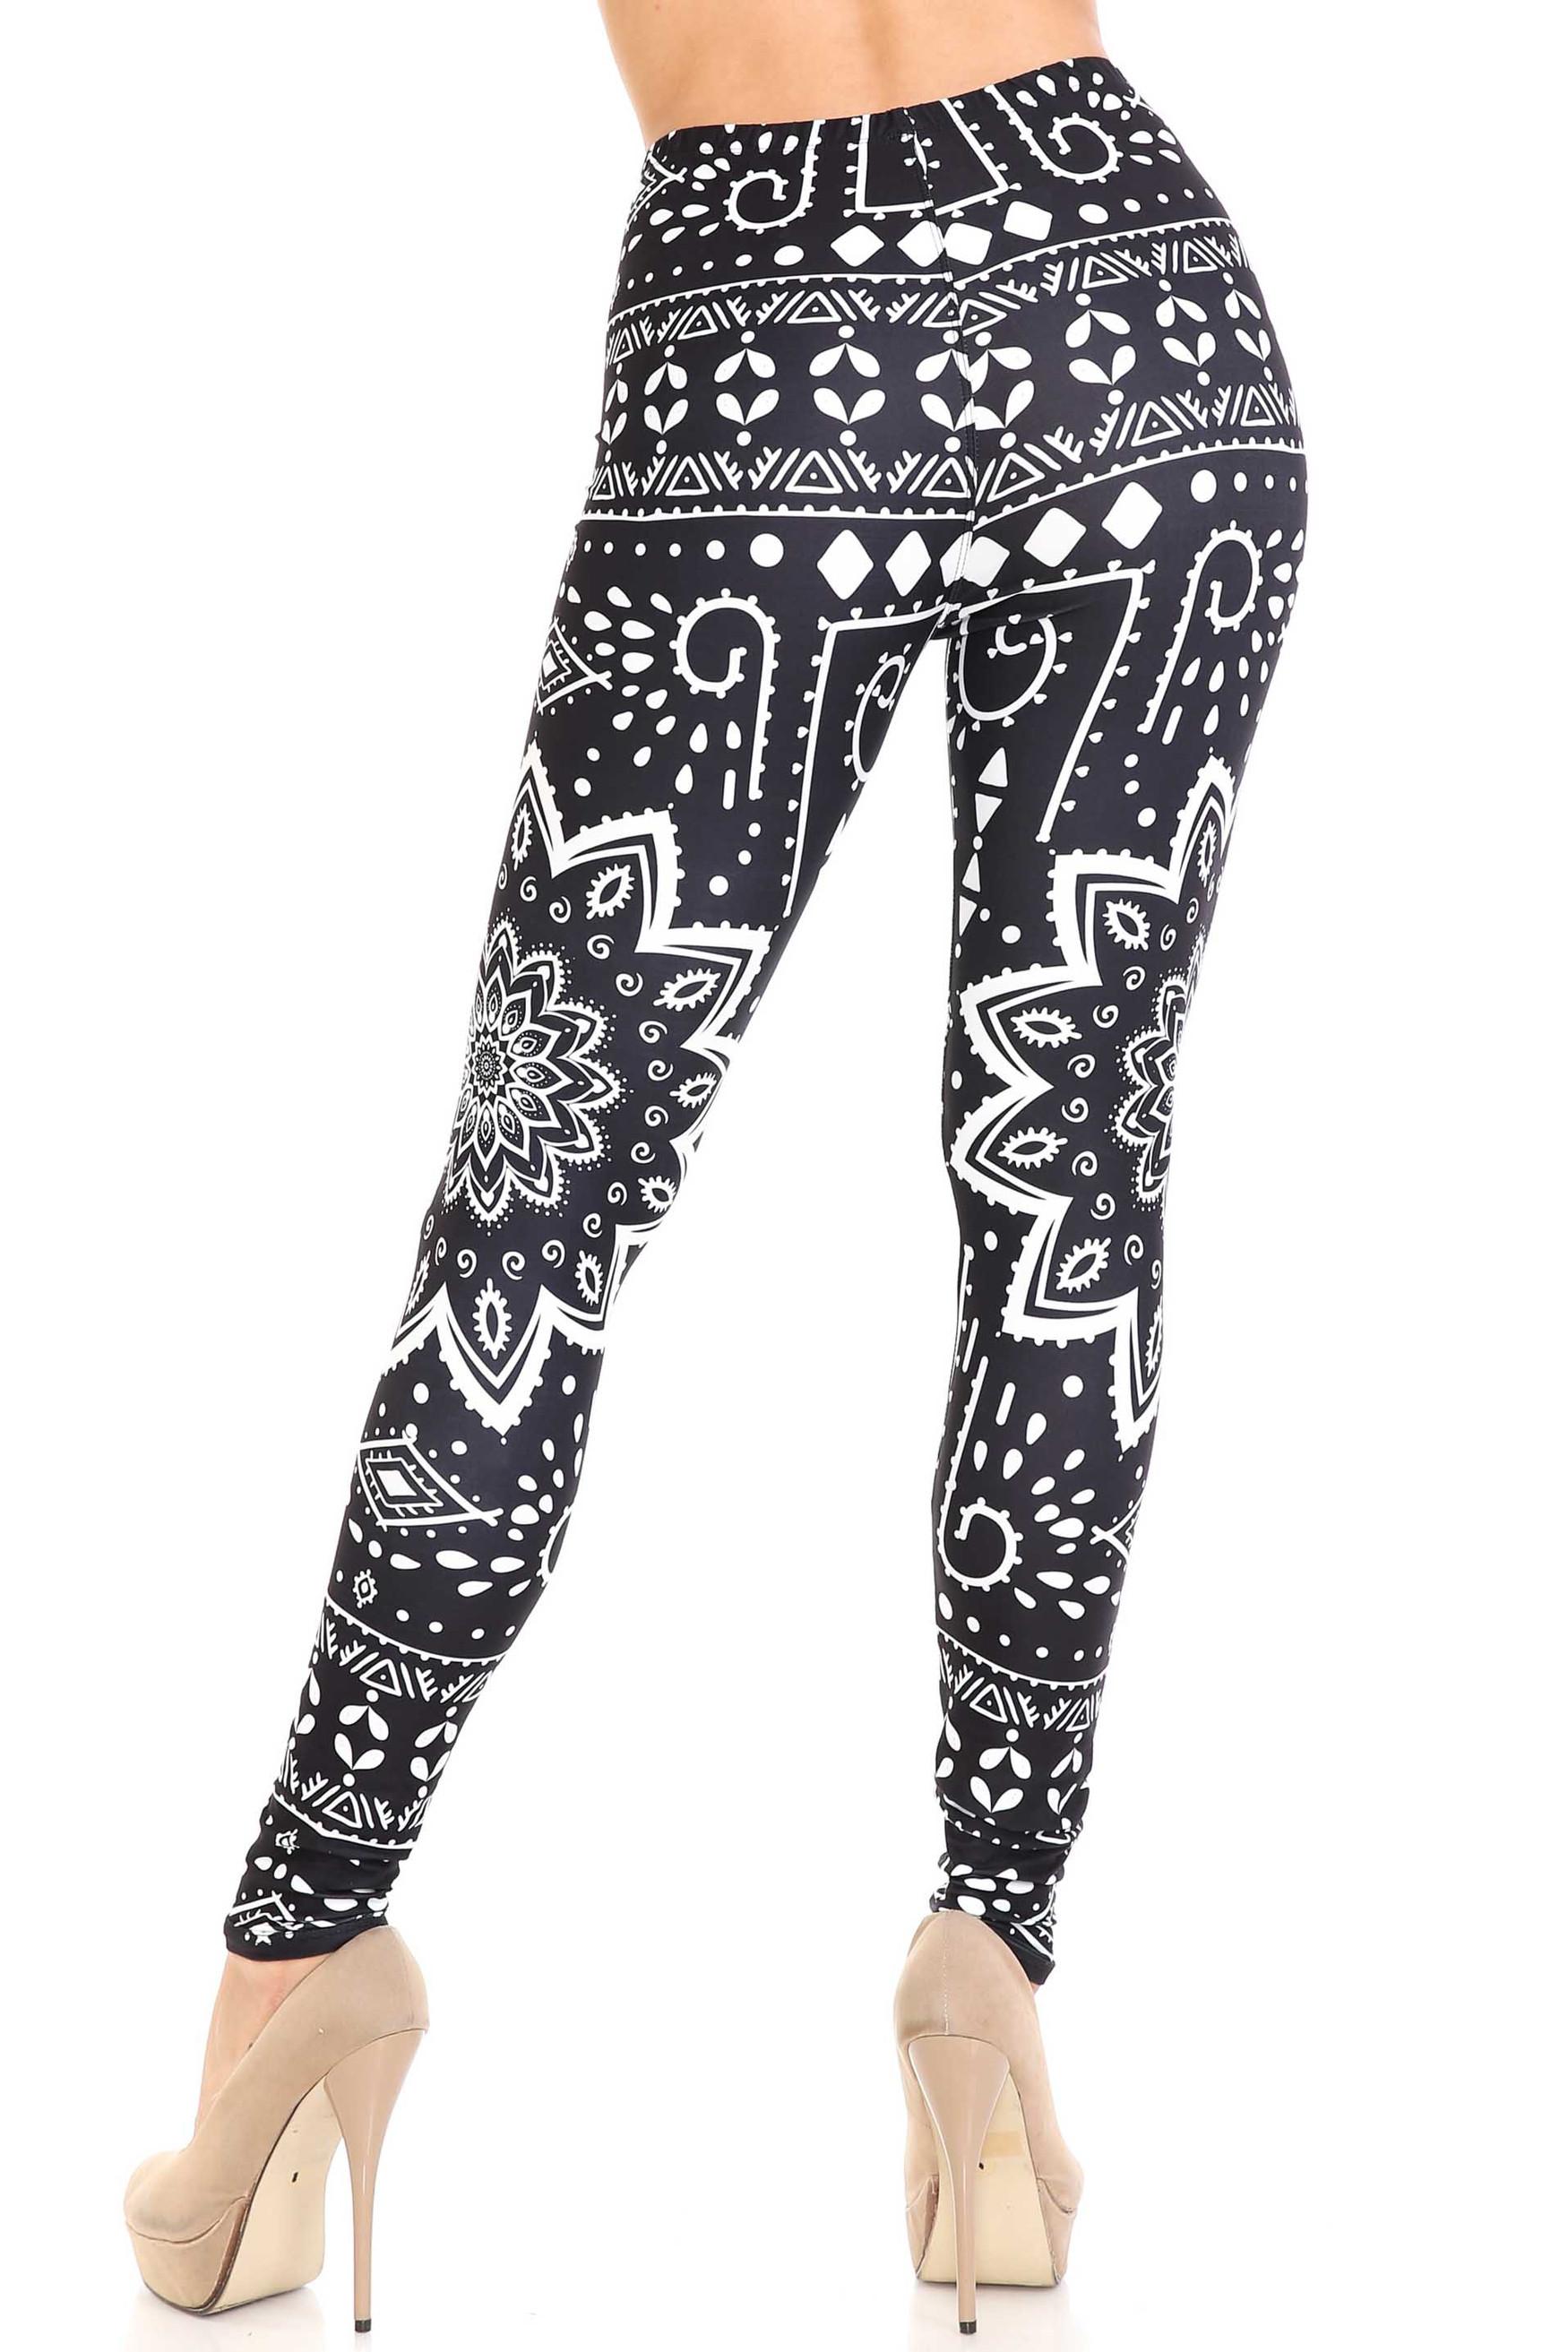 Creamy Soft Black Tribal Mandala Leggings - By USA Fashion™